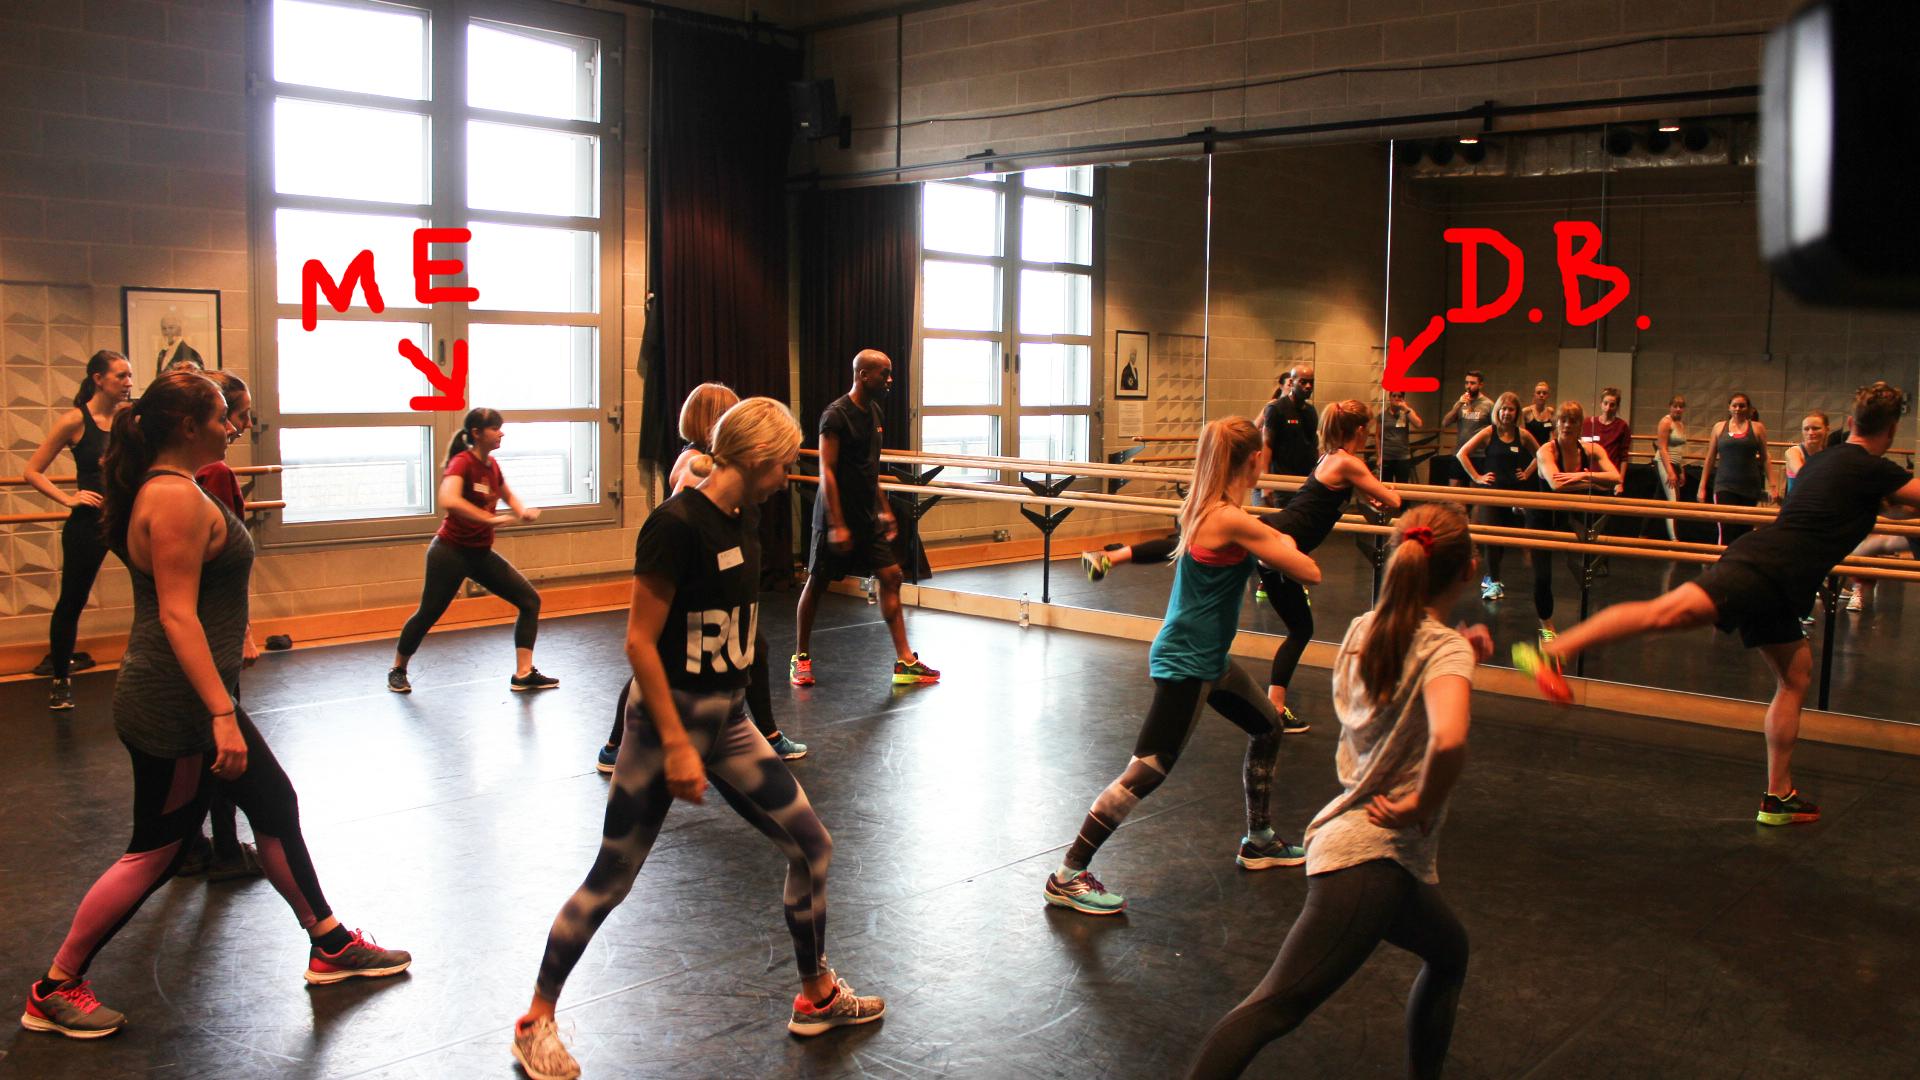 Darcey Bussell's dance class